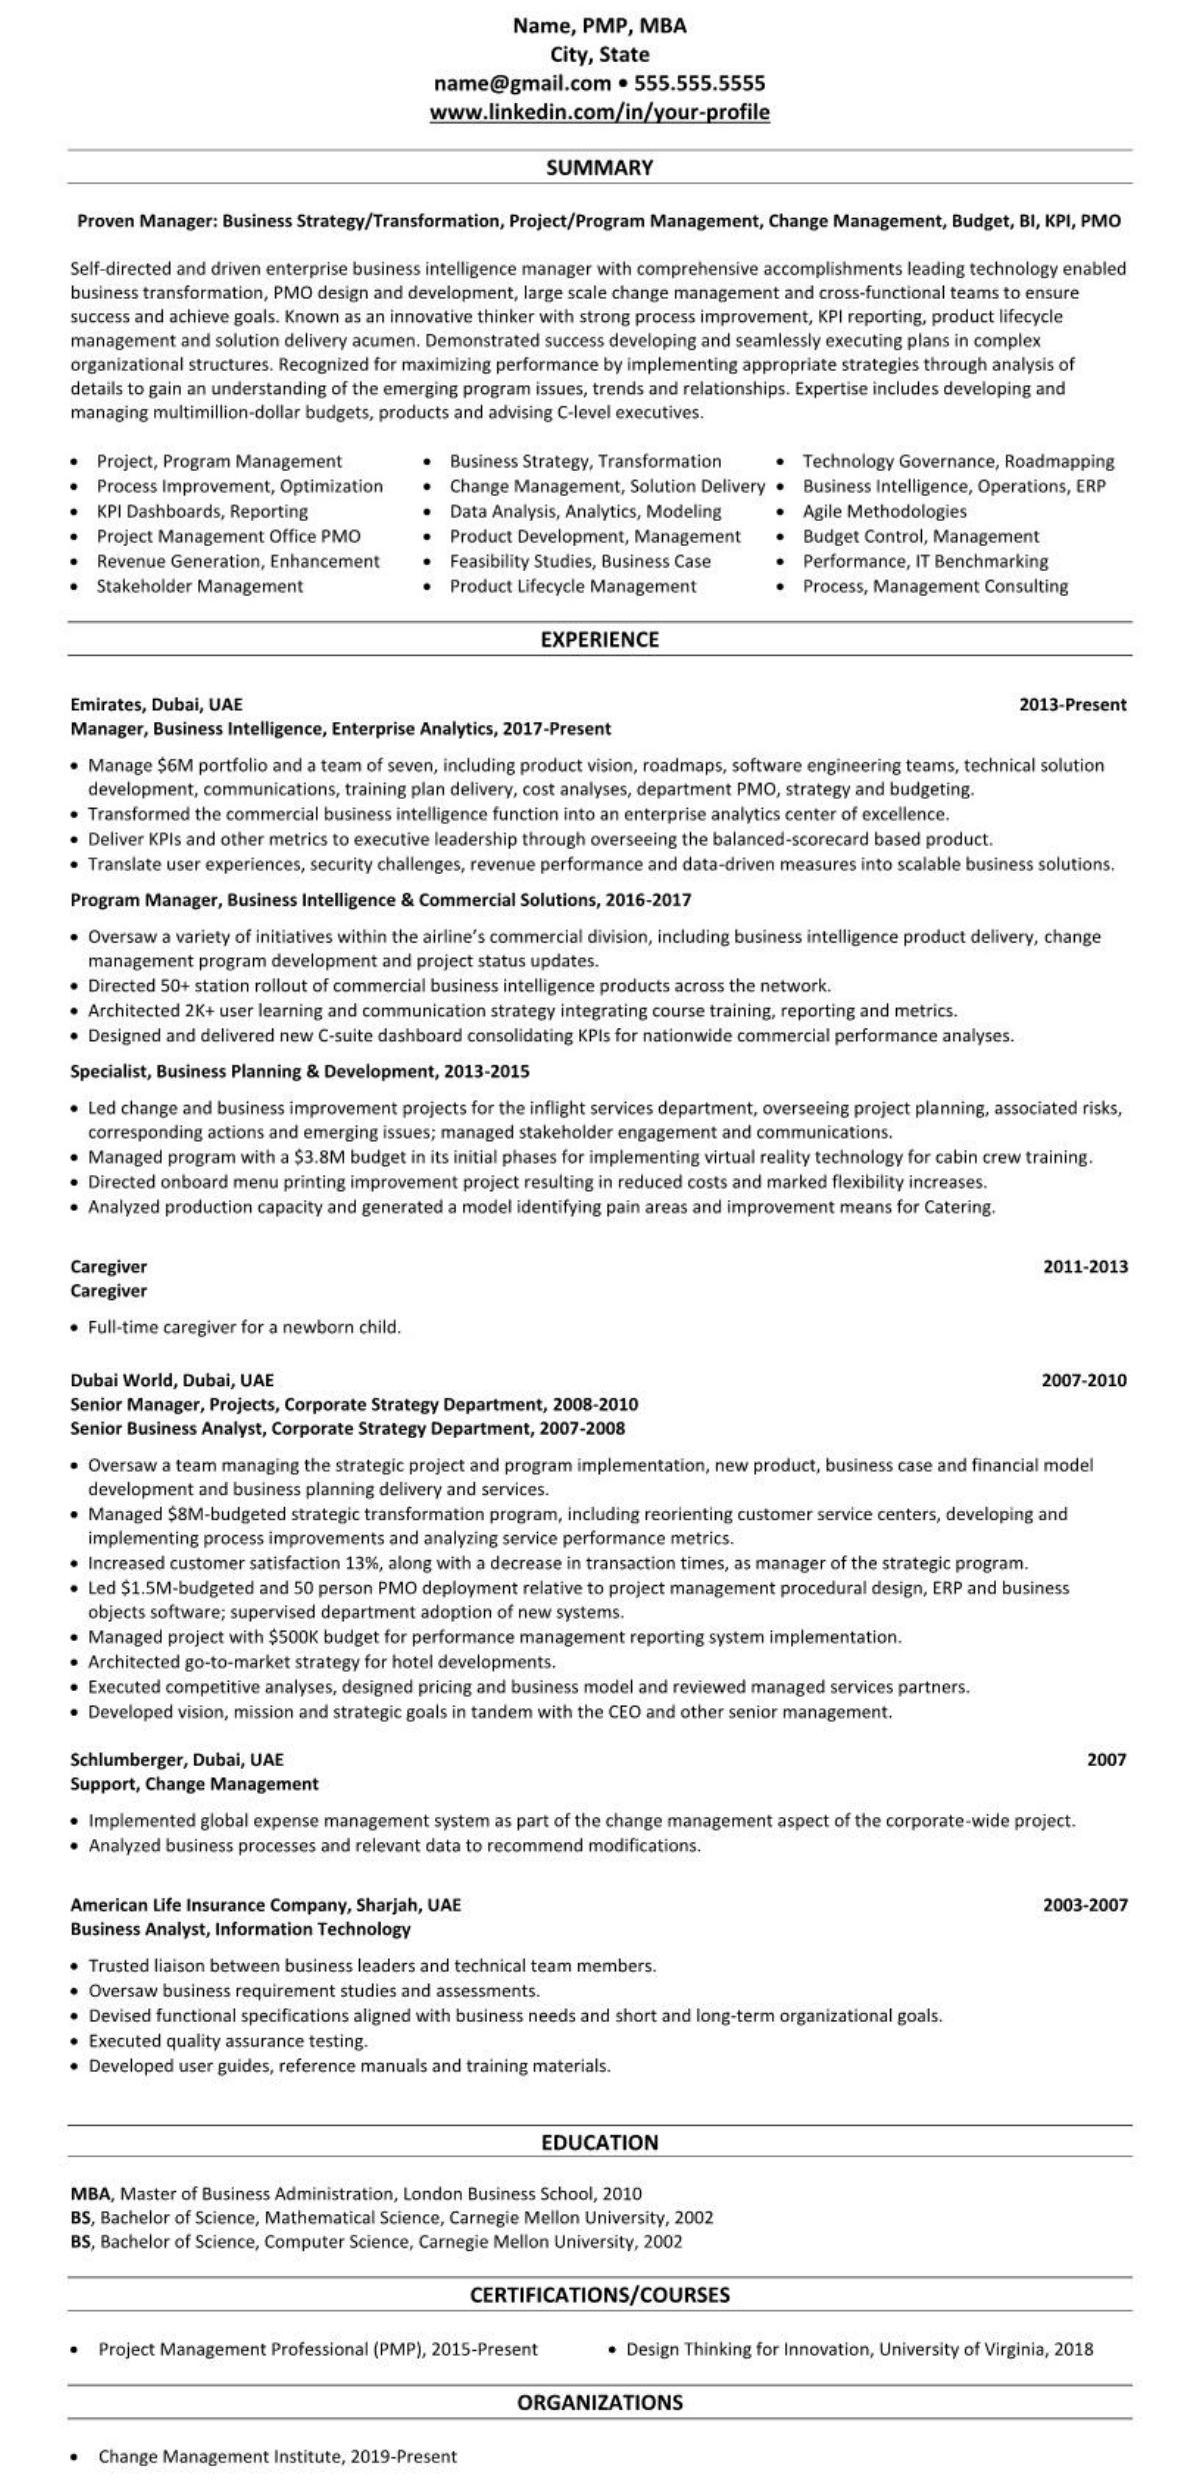 professional executive resume example UAE emirates abu dhabi 2458